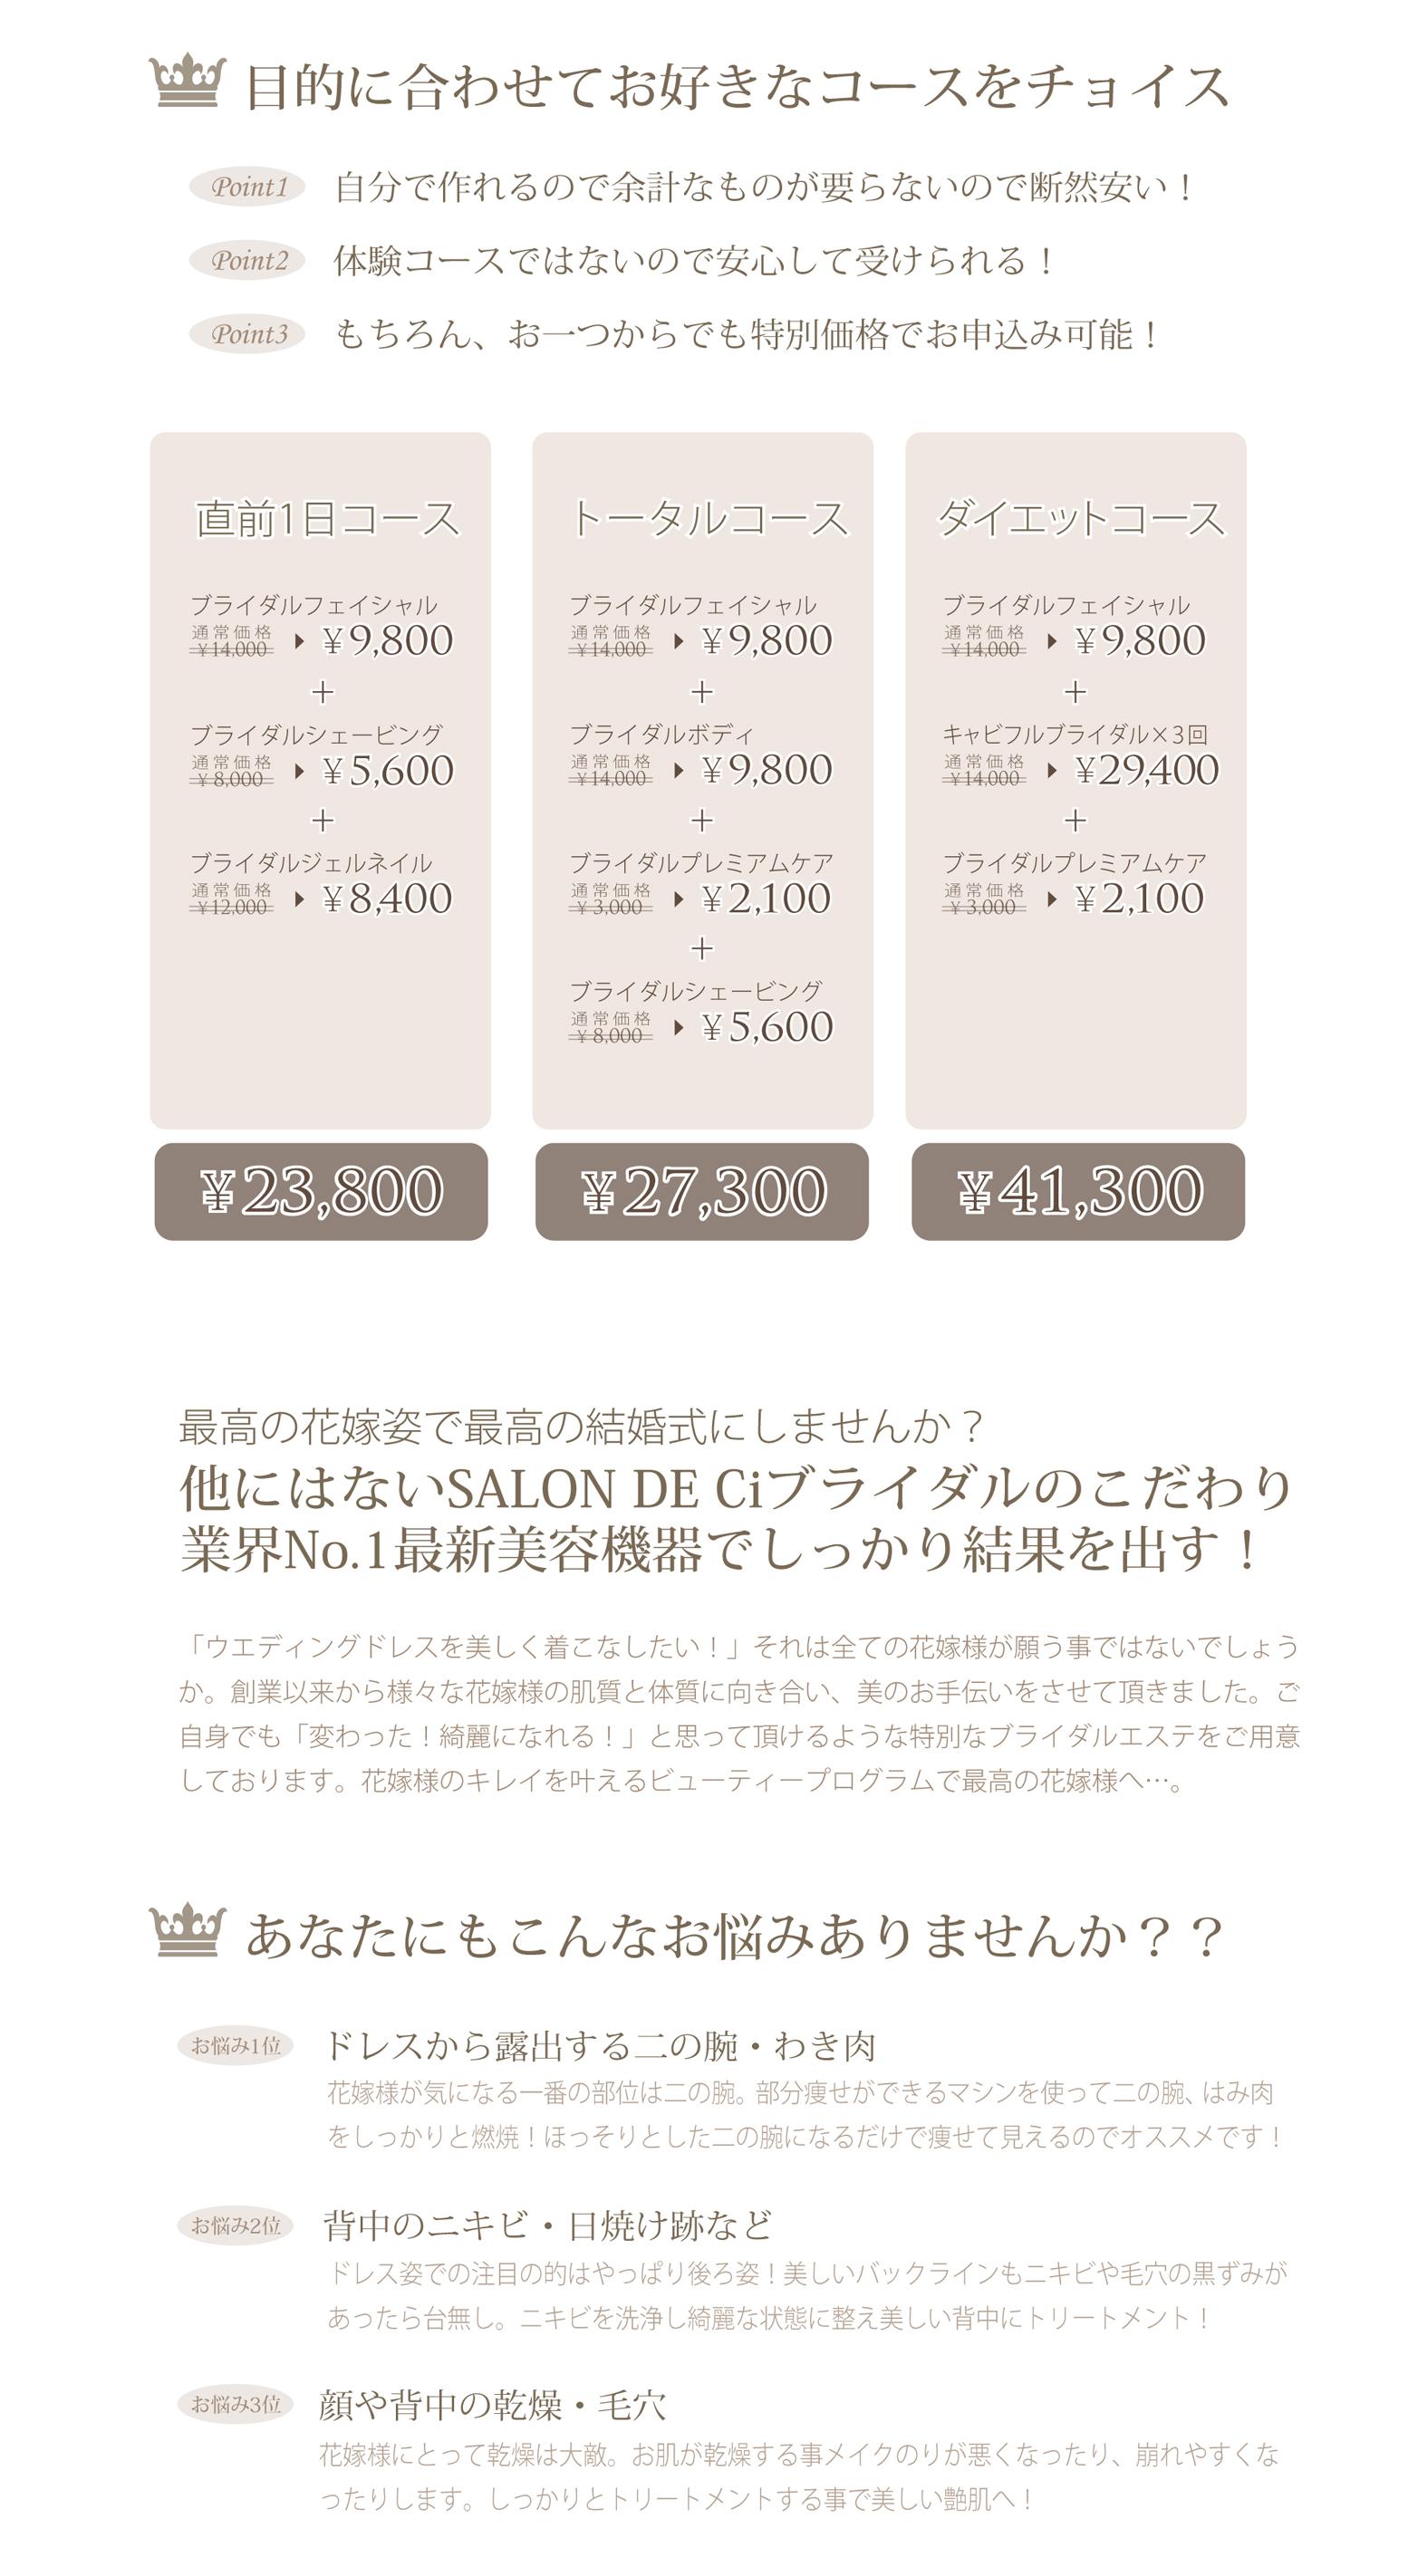 ブライダルキャンペーン(計算式)